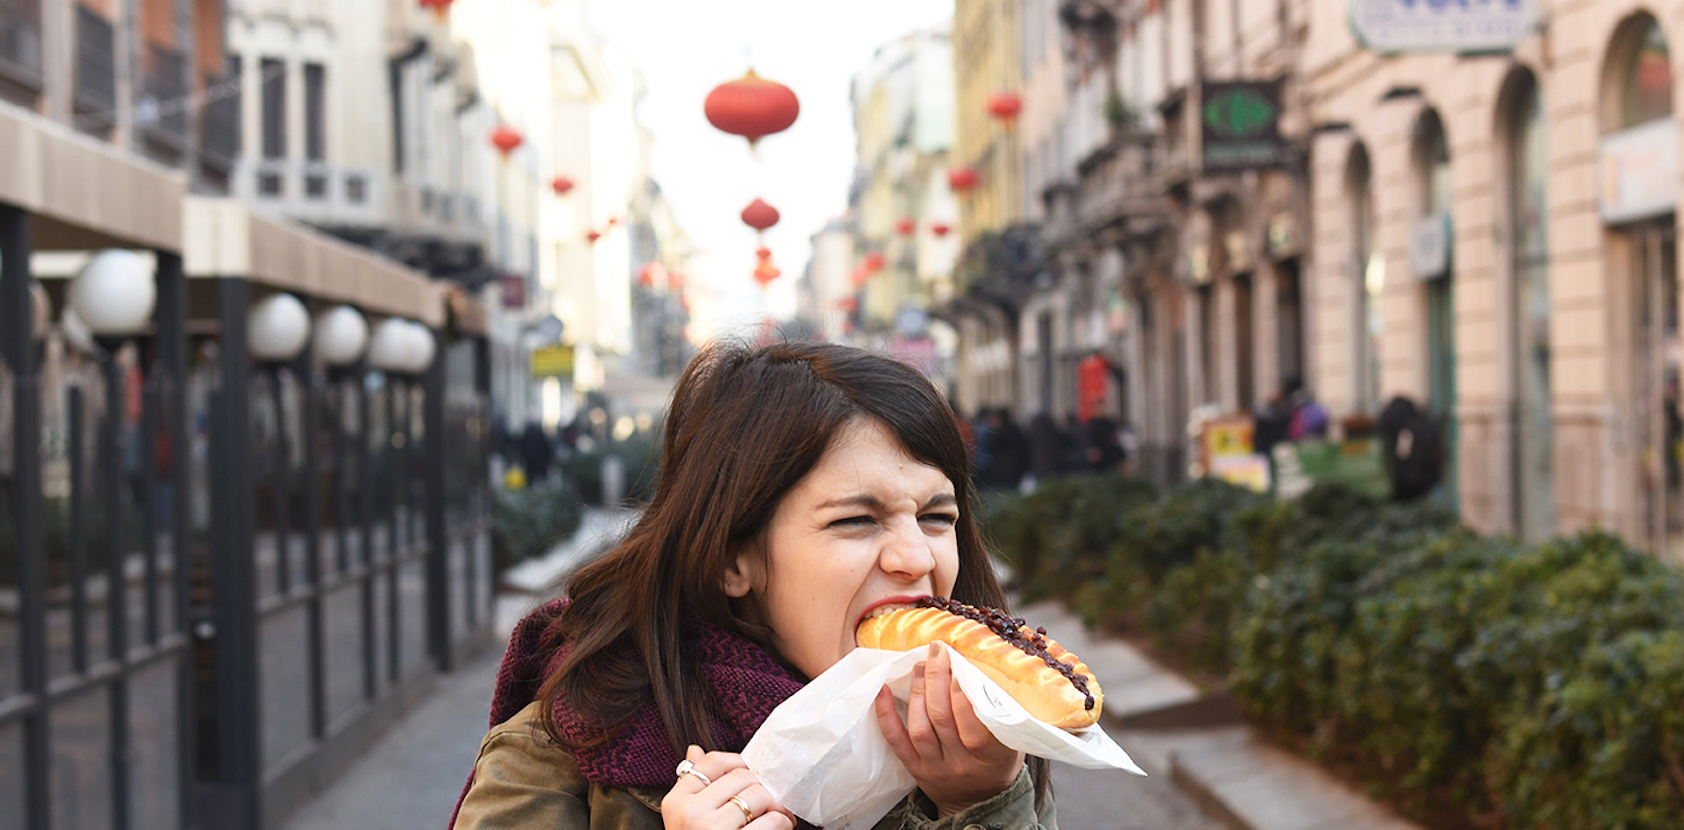 cinese con grande peneHorney e bagnato